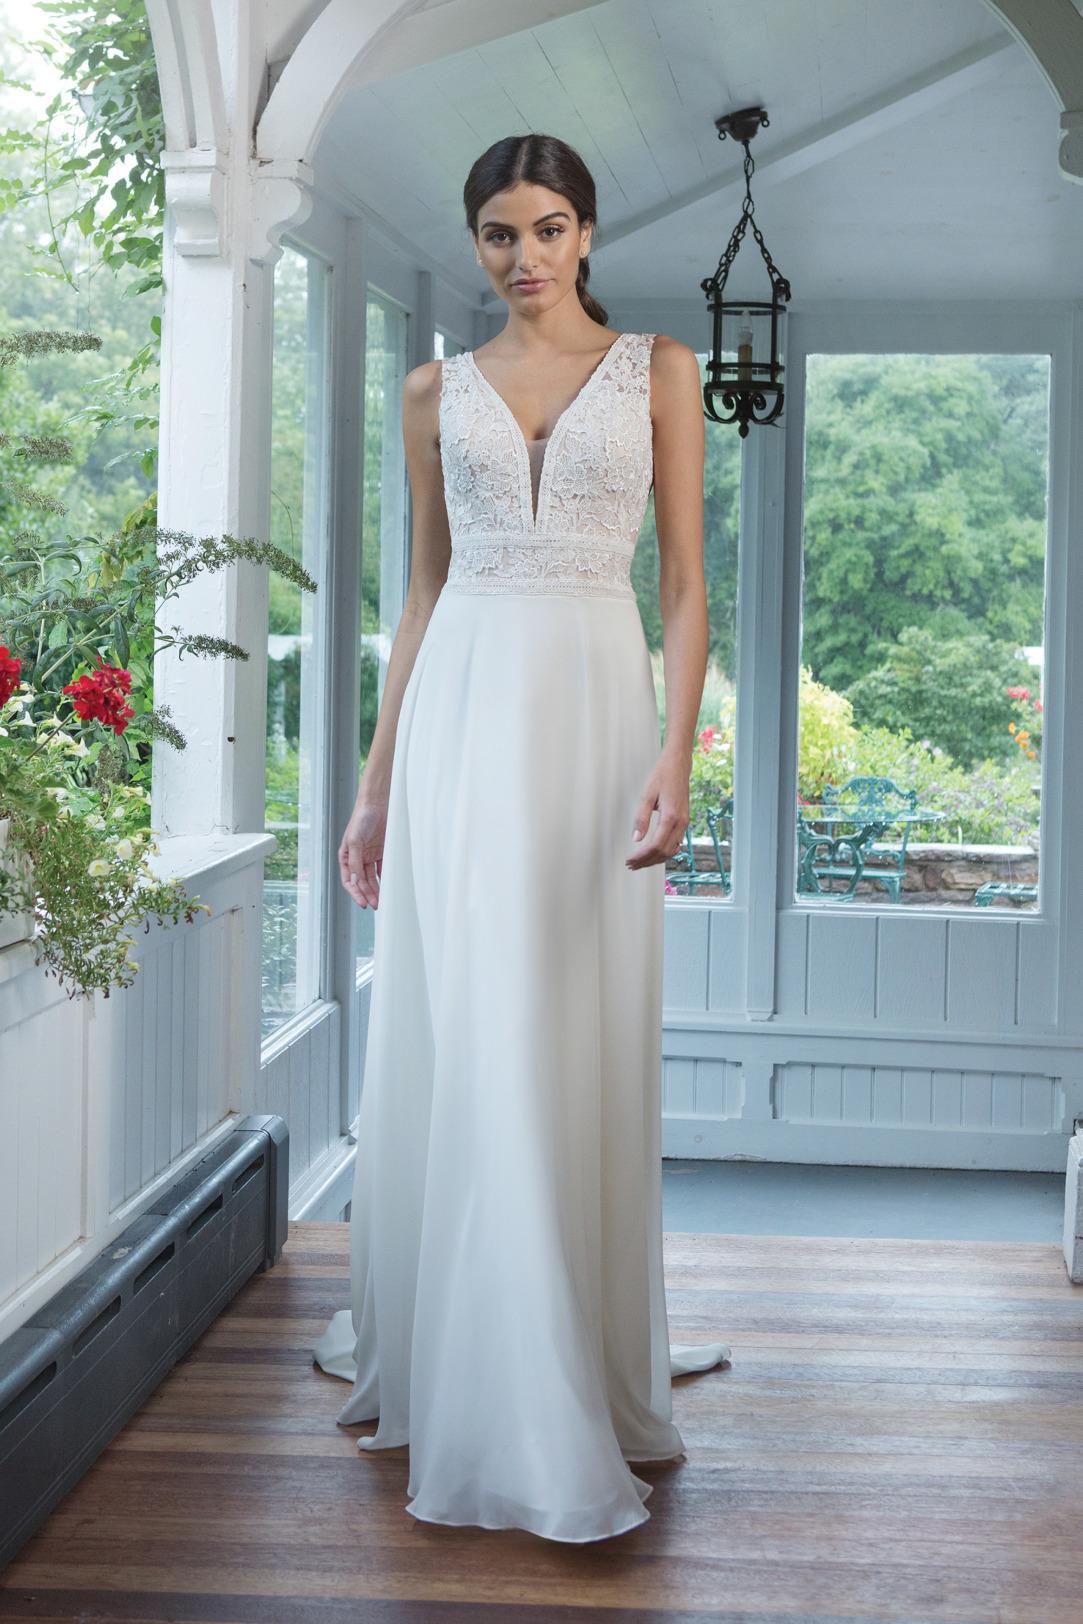 Brautkleider Hochzeitskleider Sincerity Empire Stil Style Form Spitze lang schlicht Vintage mit V Ausschnitt breiter Träger Chiffon Rock kleine Schleppe